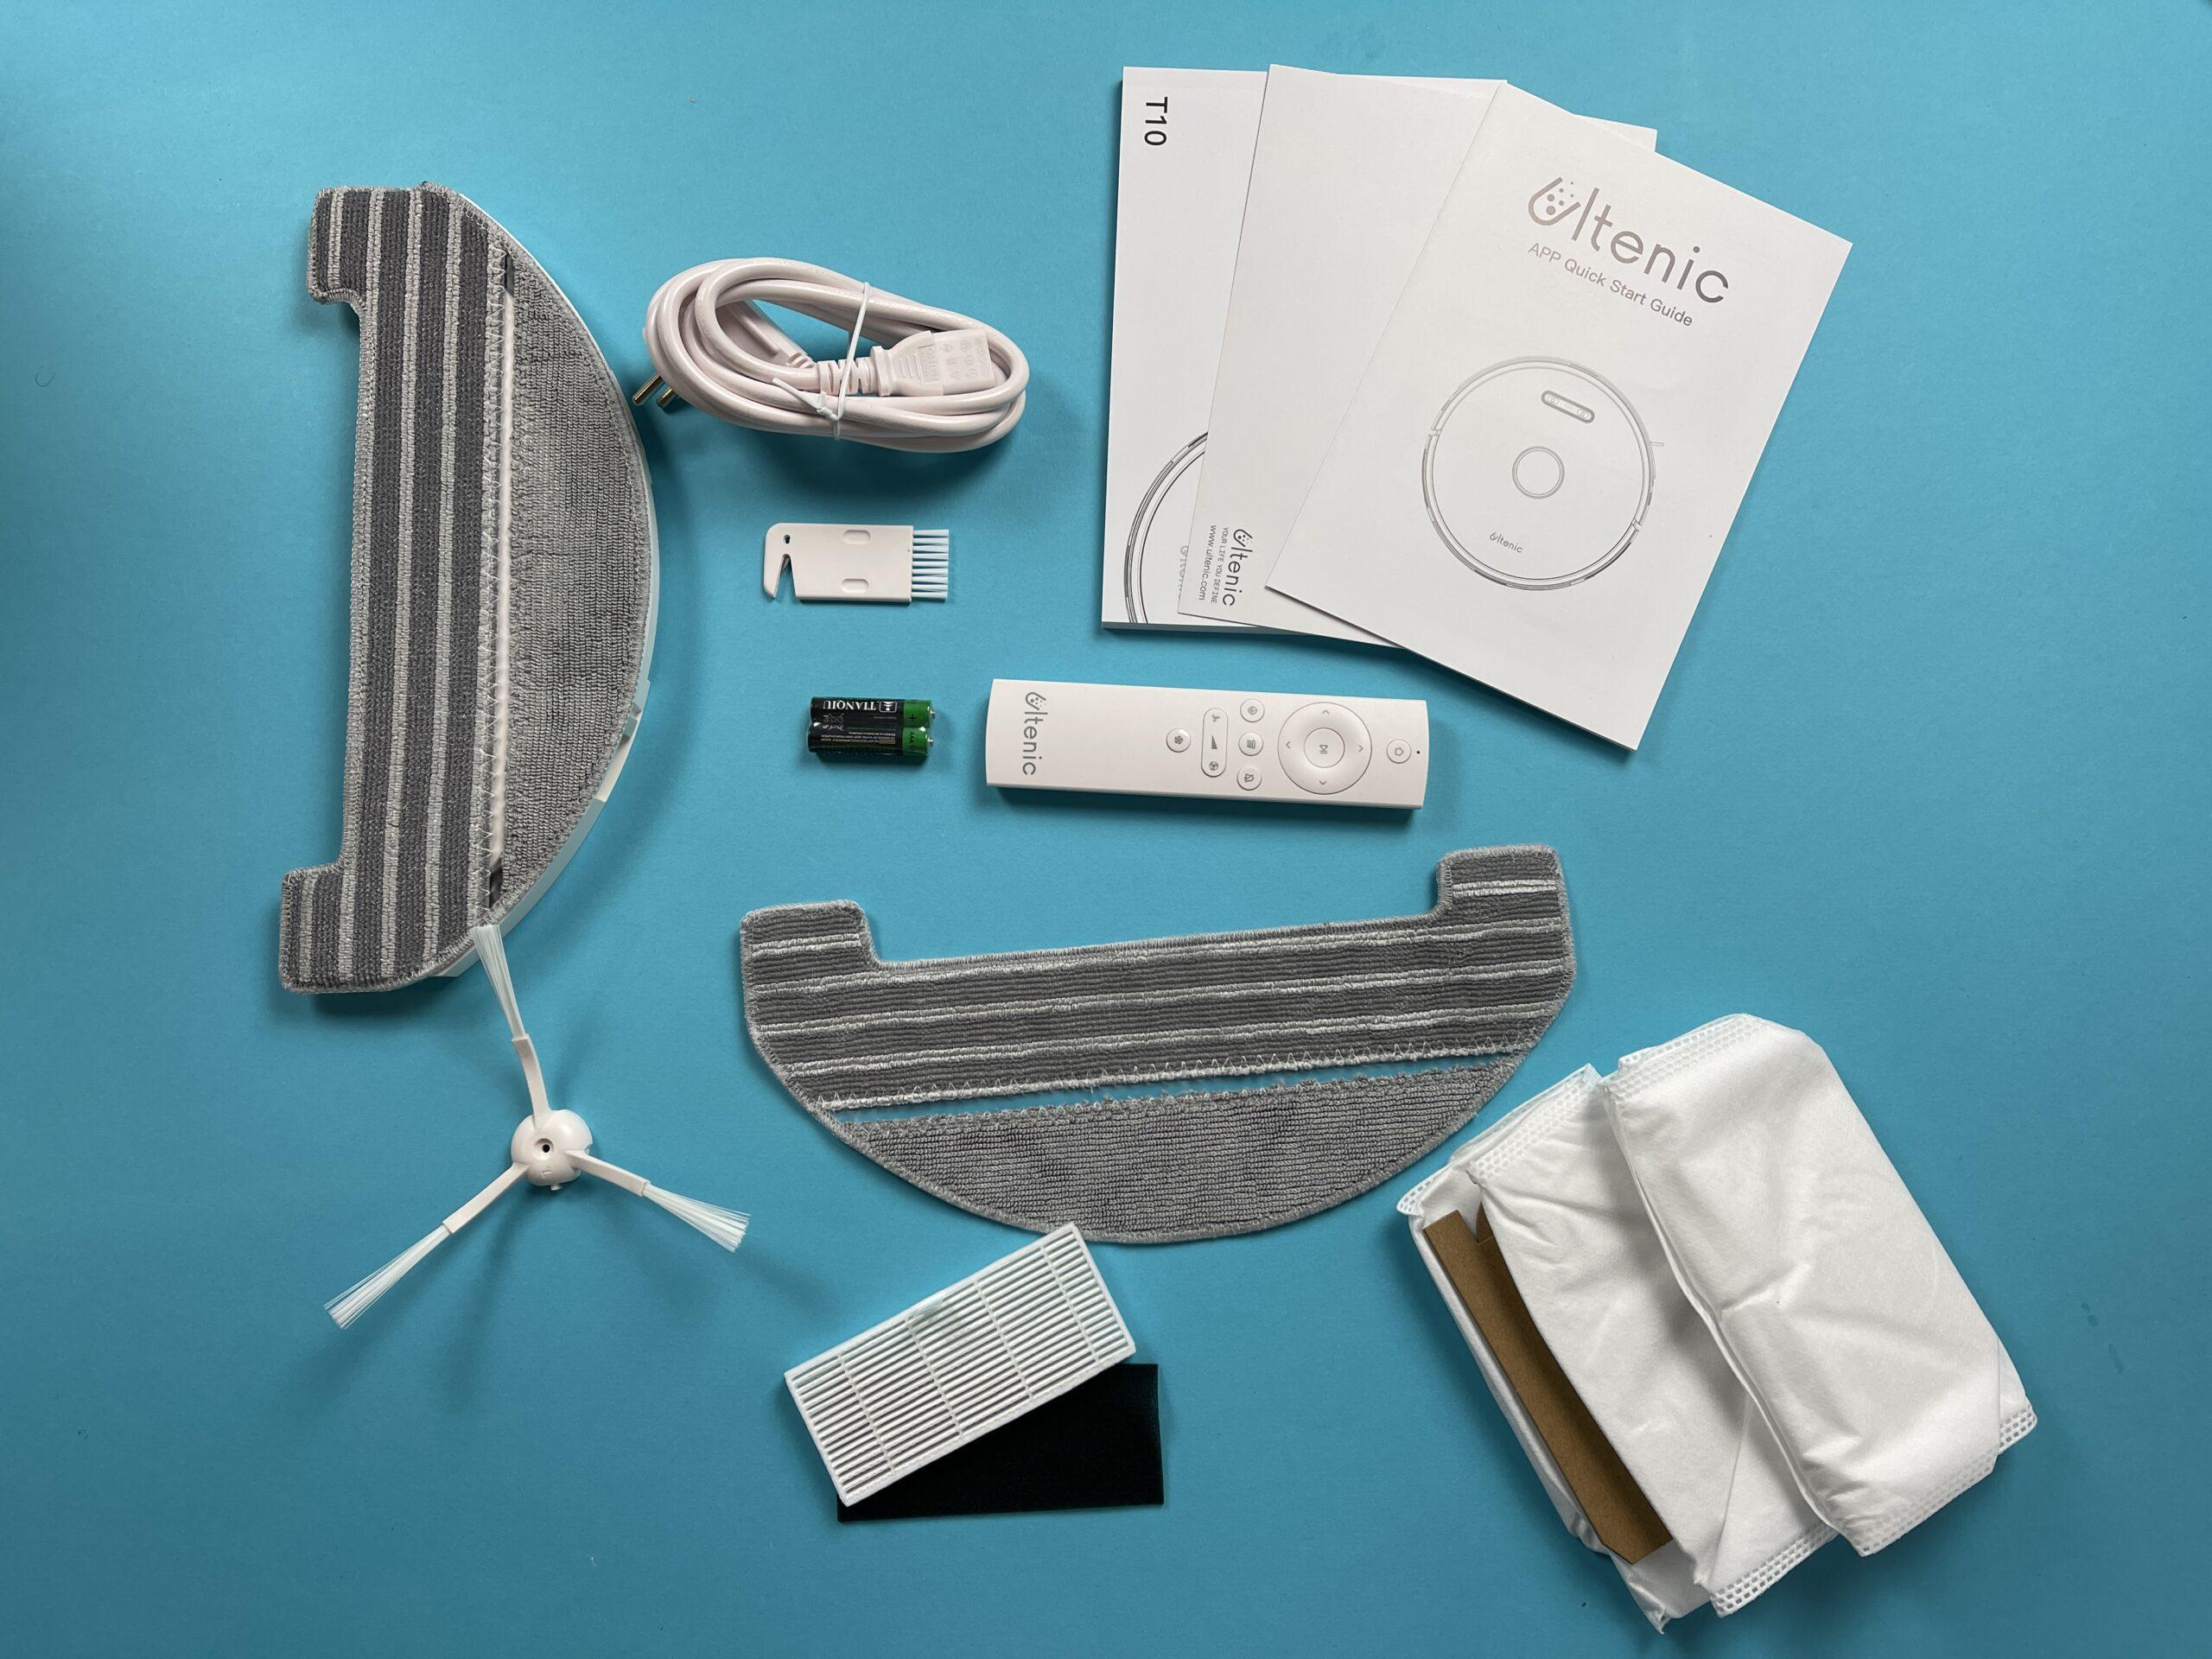 confezione e accessori Ultenic T10